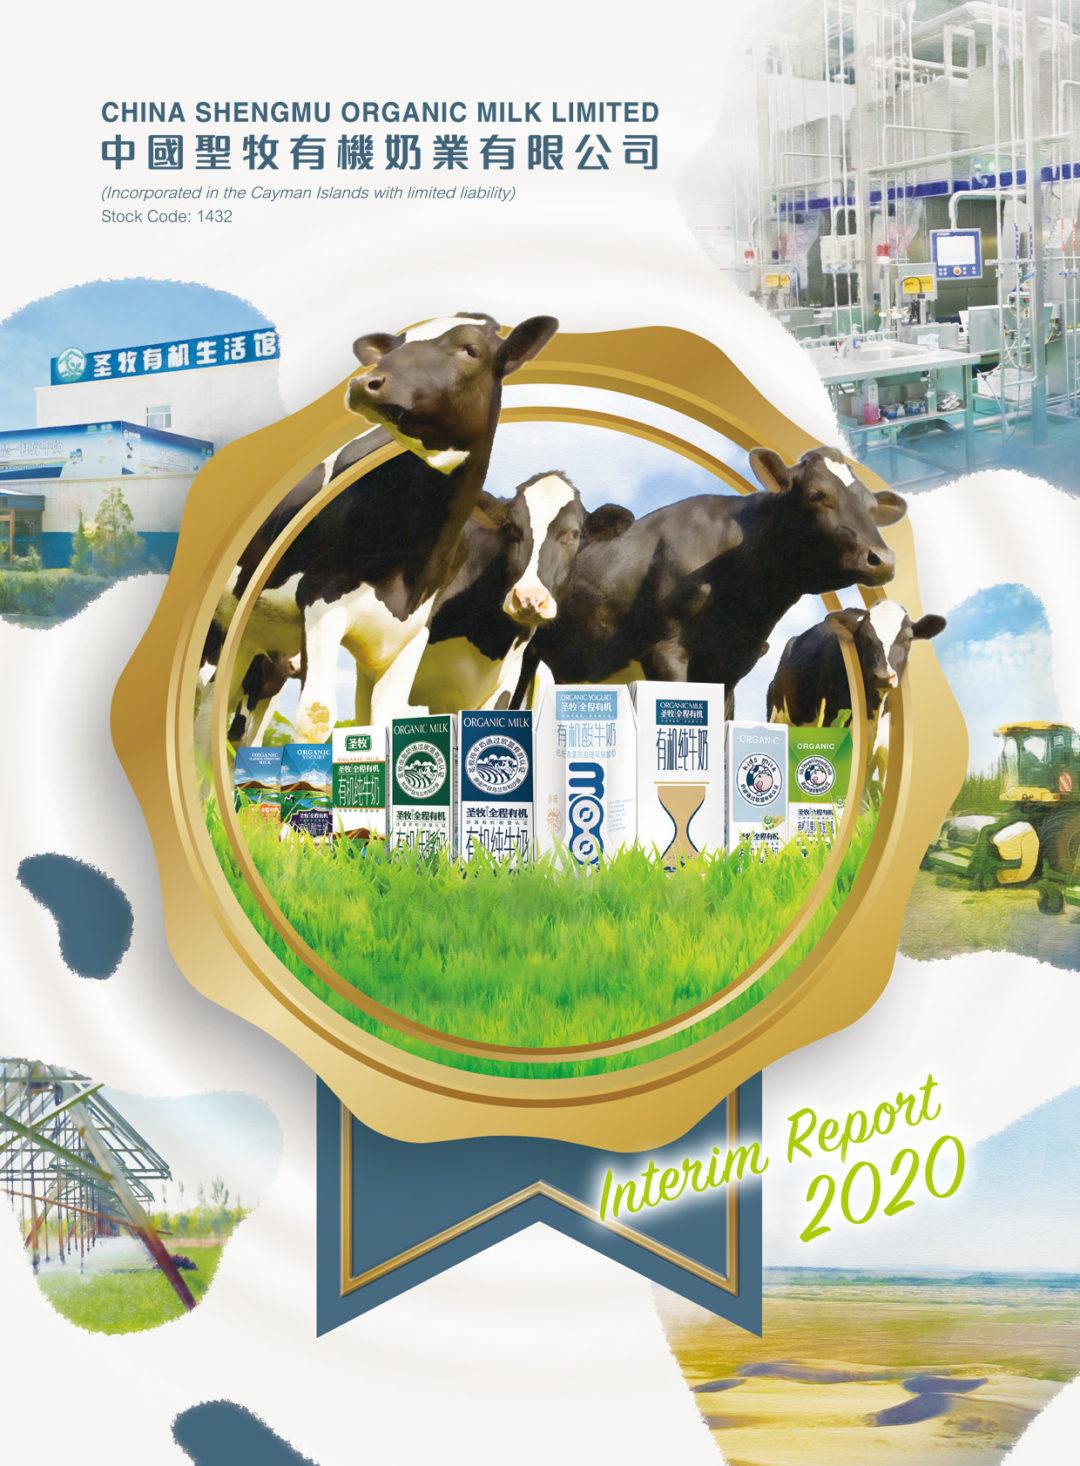 China Shengmu Organic Milk Limited